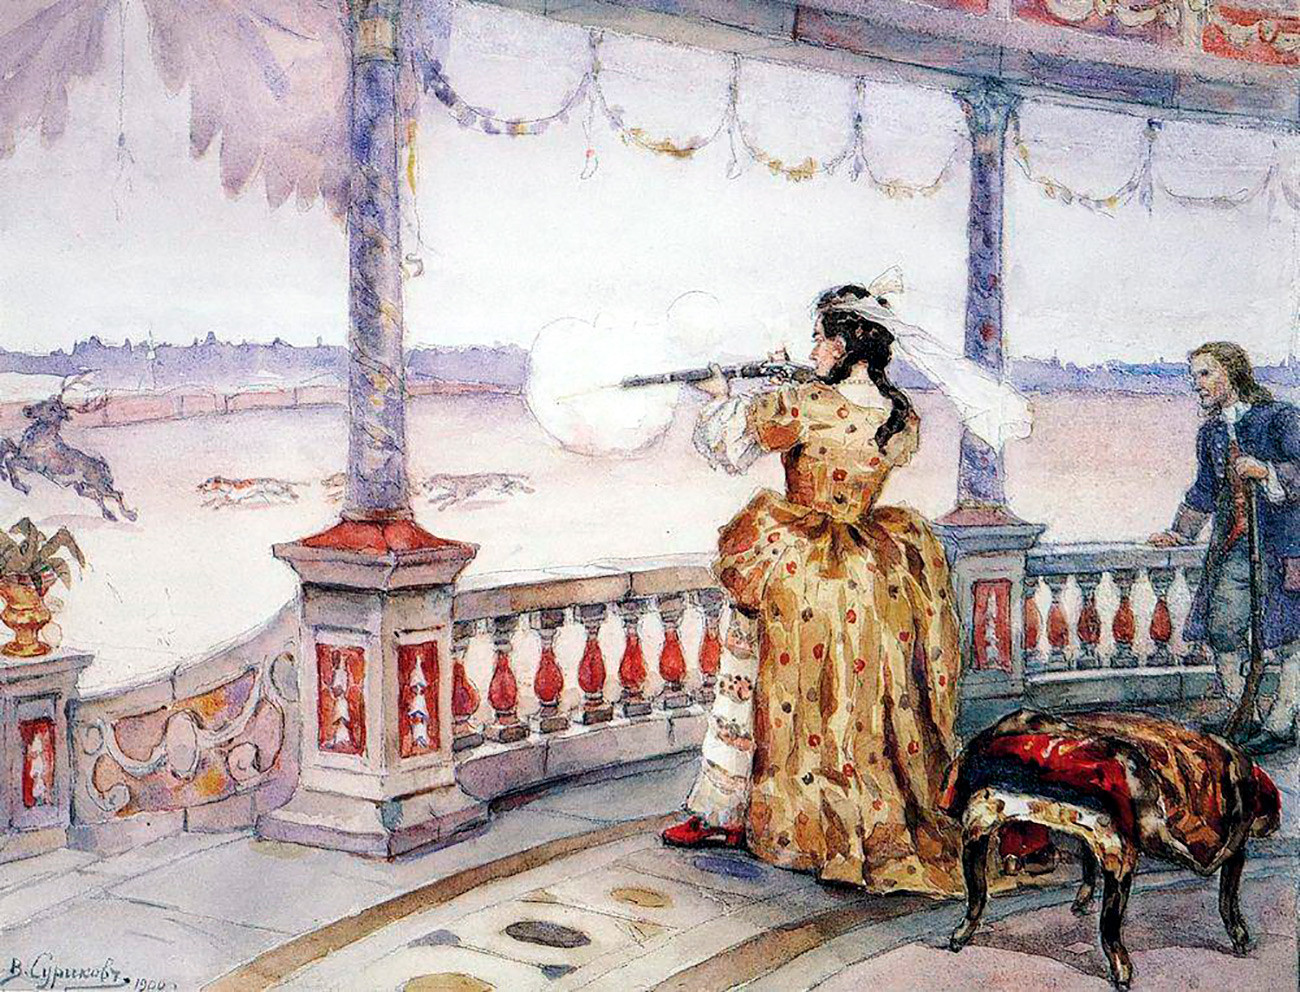 ペテルゴフで鹿を撃っている女帝アンナ・ヨアーノヴナ